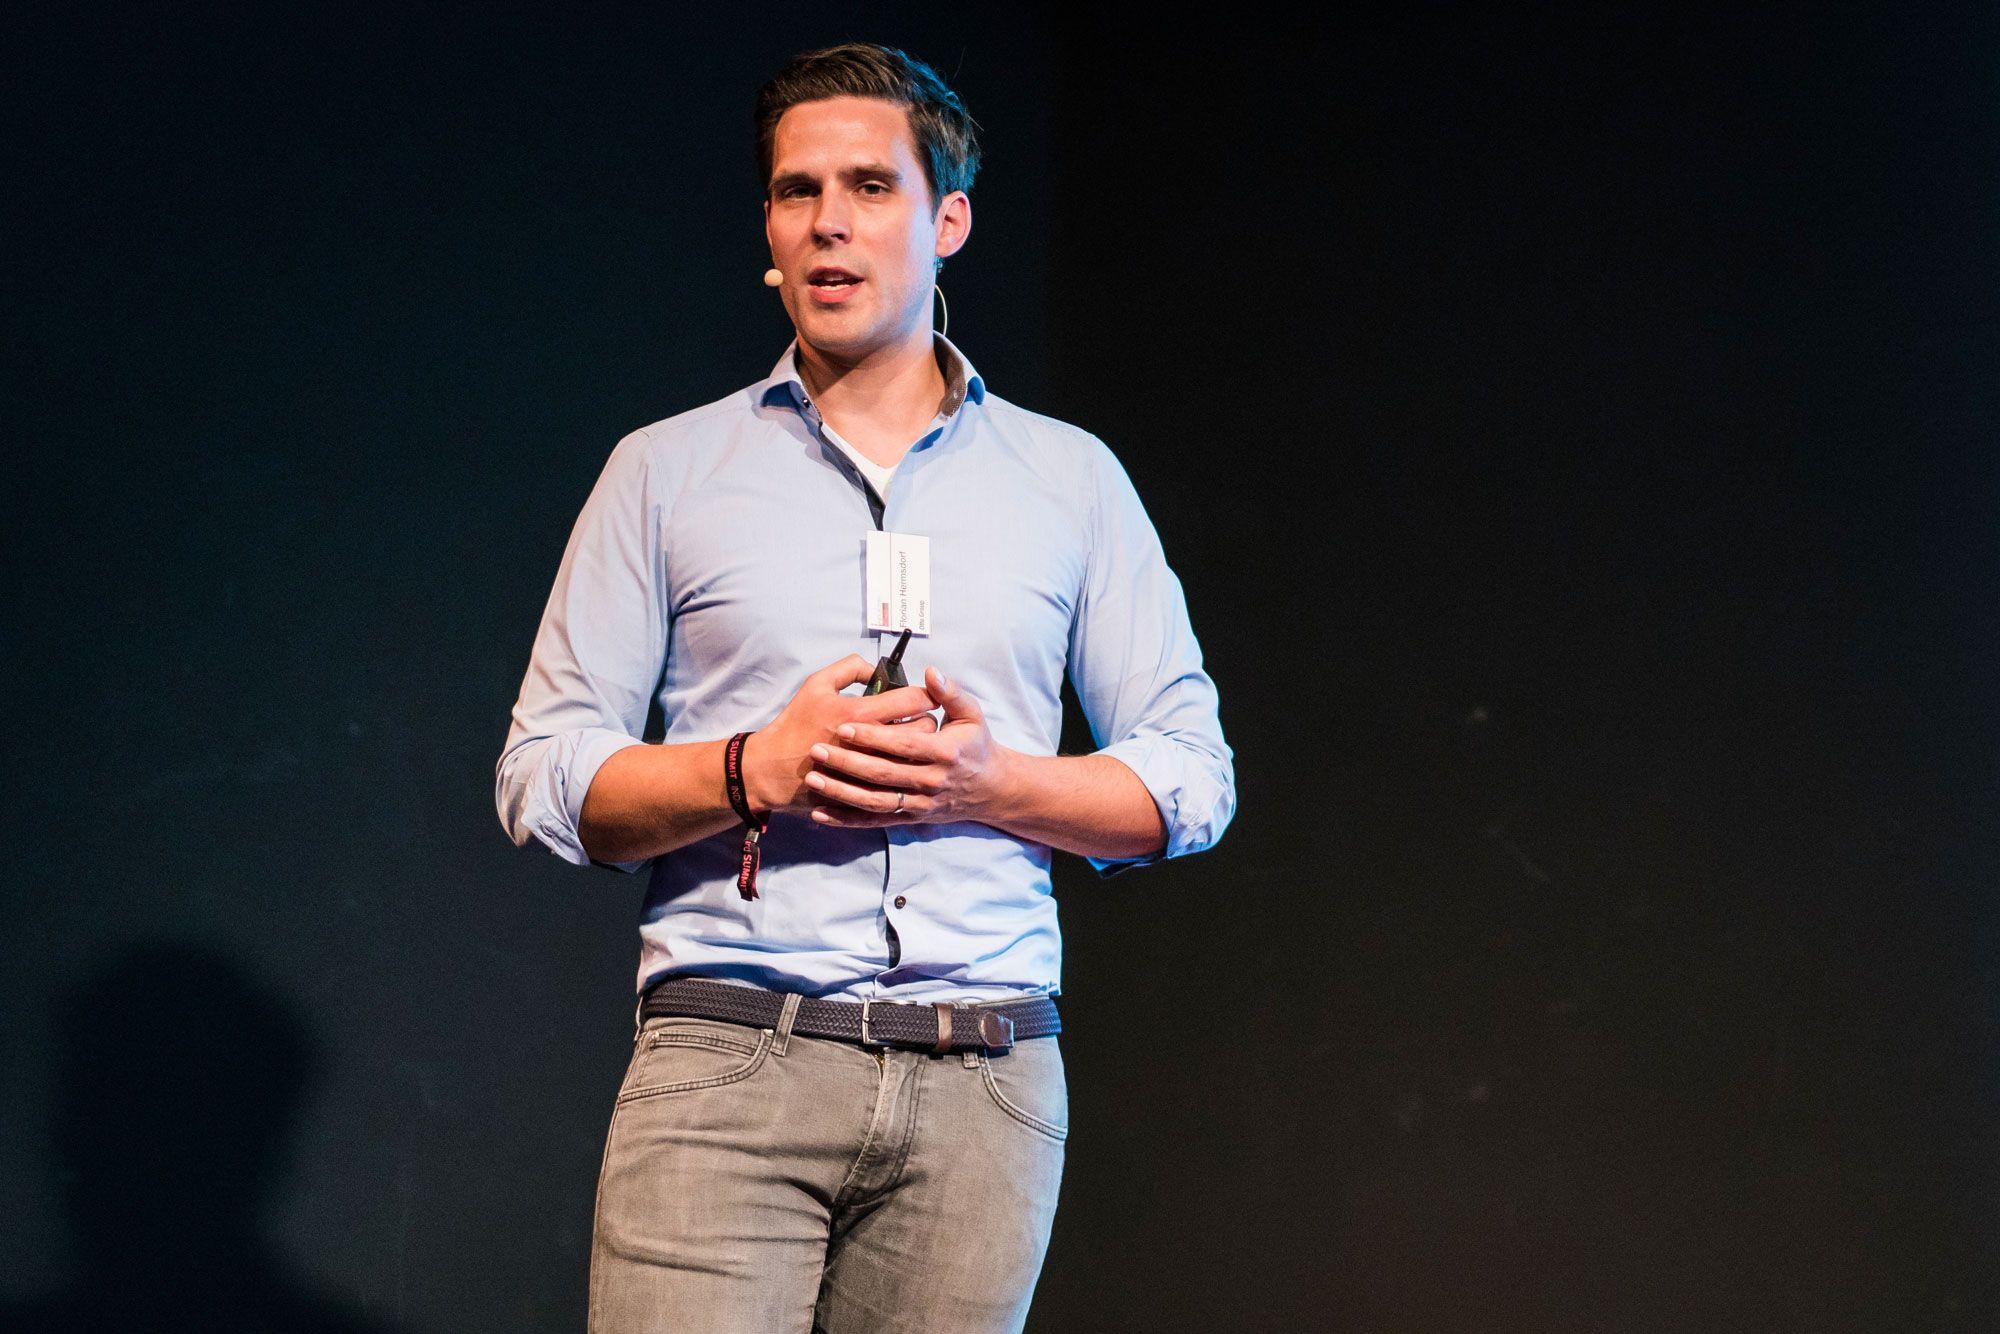 Florian Hermsdorf (Otto Group): It's about culture – das richtige Setup zur Etablierung von Corporate Innovation